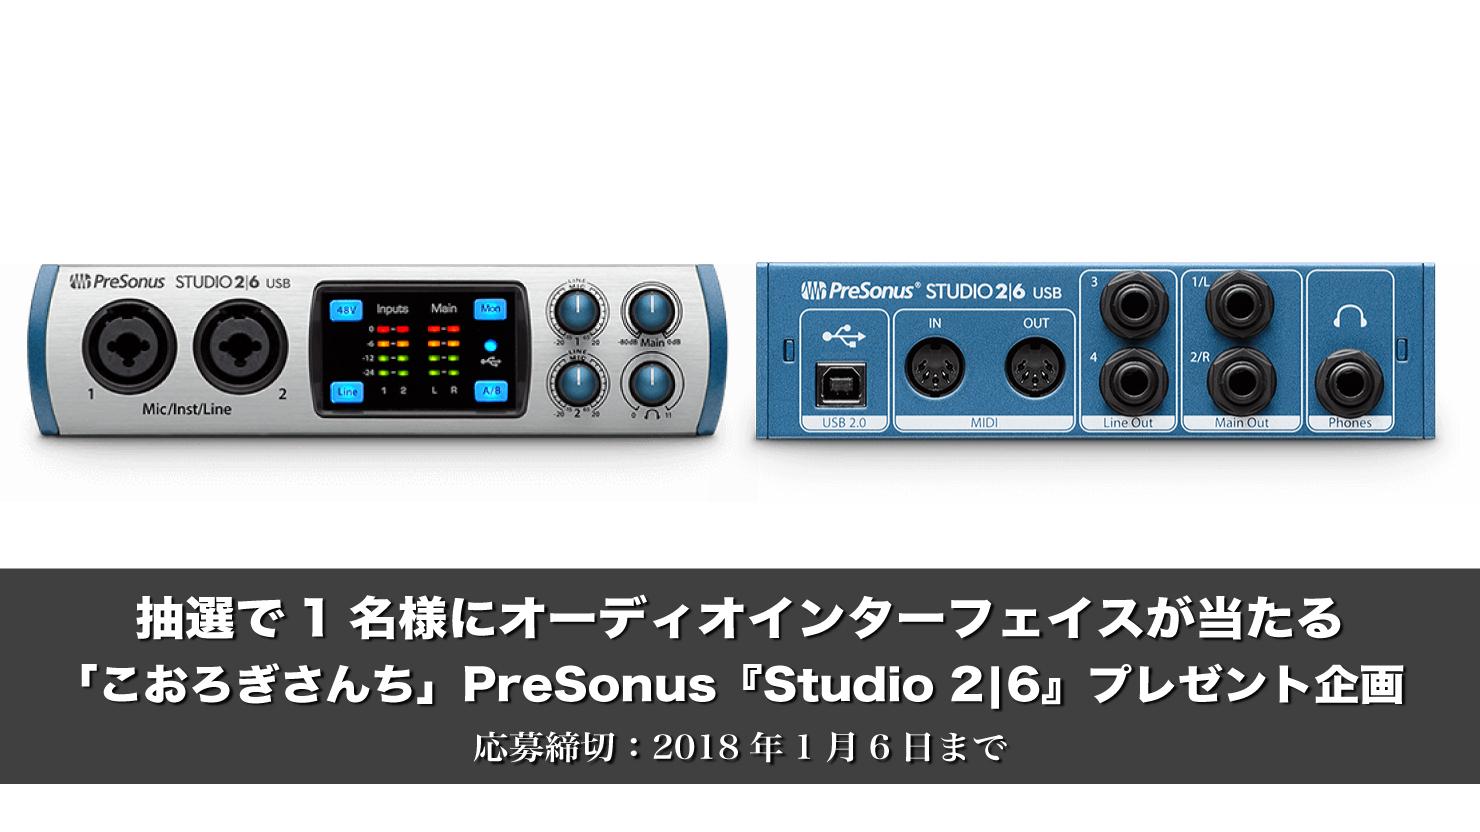 【応募締切1月6日まで】抽選で1名様にPreSonus『Studio 2|6』が当たる「こおろぎさんち」のプレゼント企画